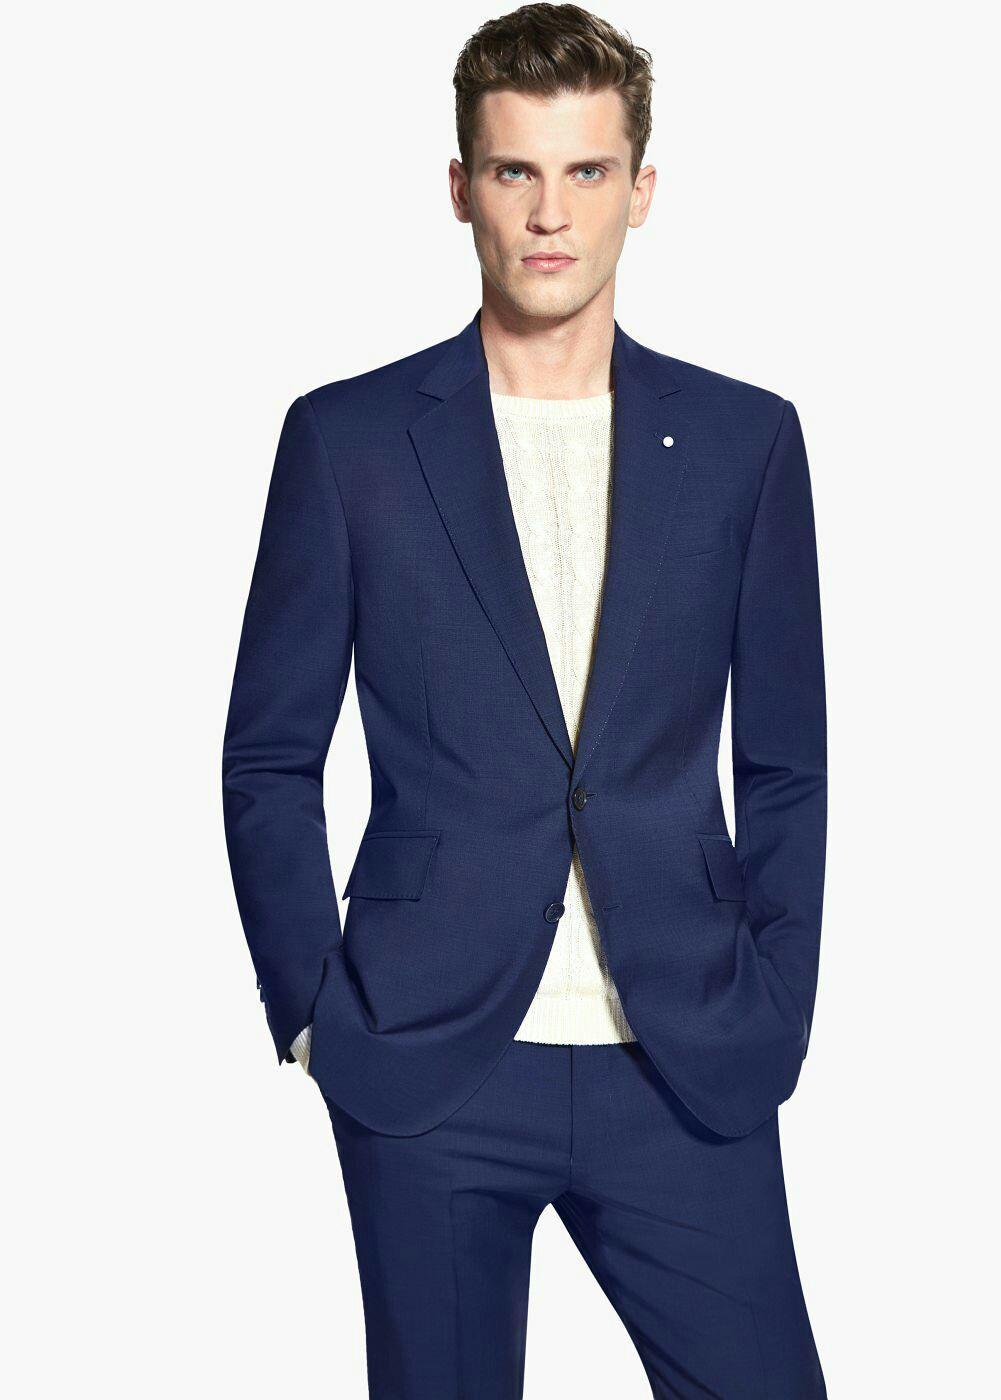 20% de réduction supplémentaire sur une sélection d'articles - exemple : veste de costume en laine à 35.99€ au lieu de 199.99€